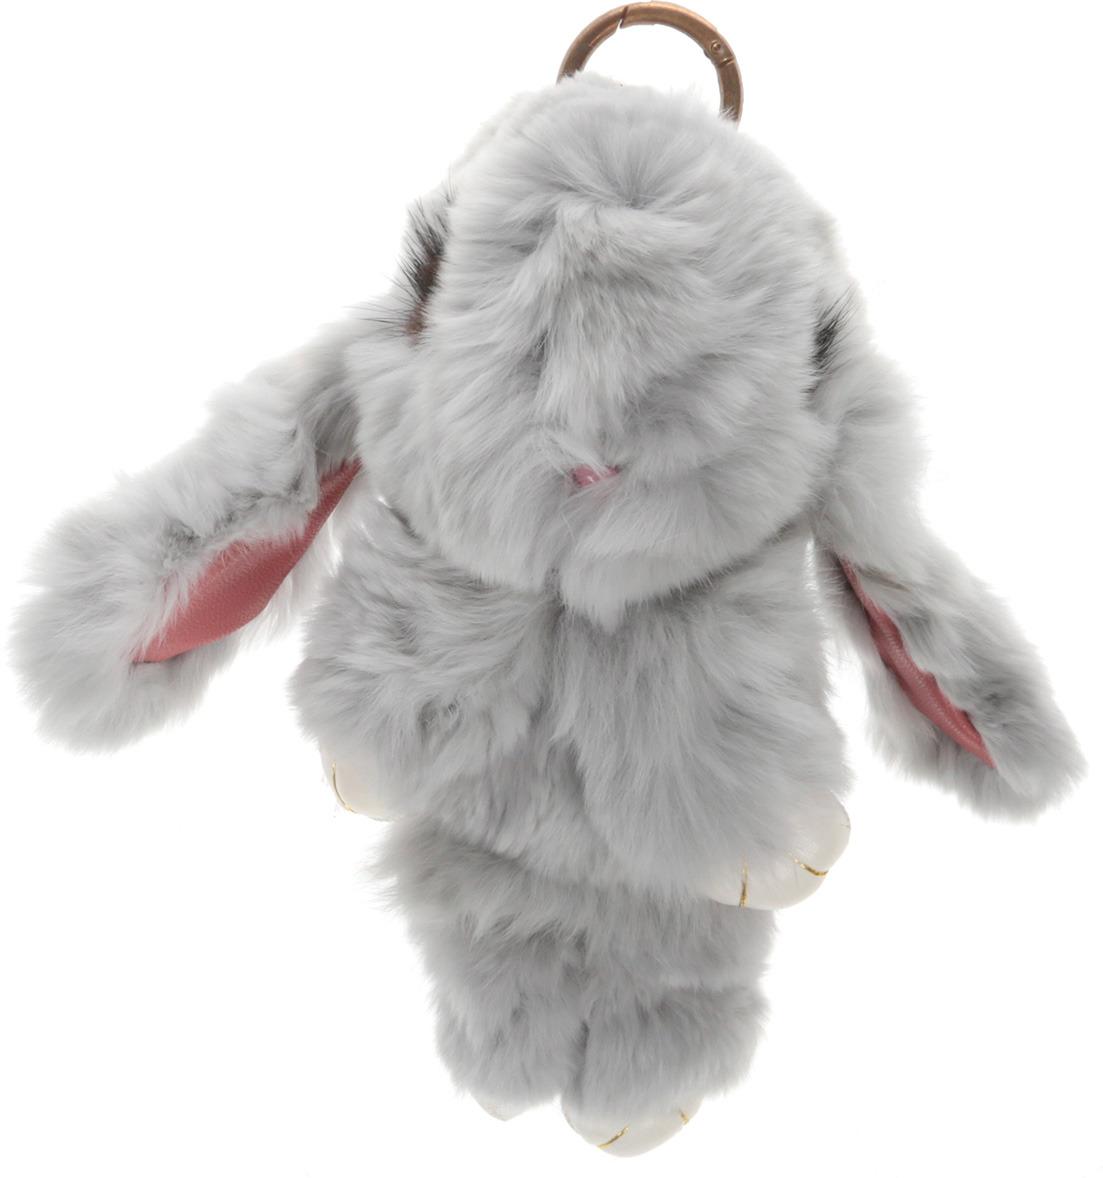 Vebtoy Брелок Пушистый кролик цвет серый БР-306 vebtoy брелок пушистый кролик цвет персиковый бр 305